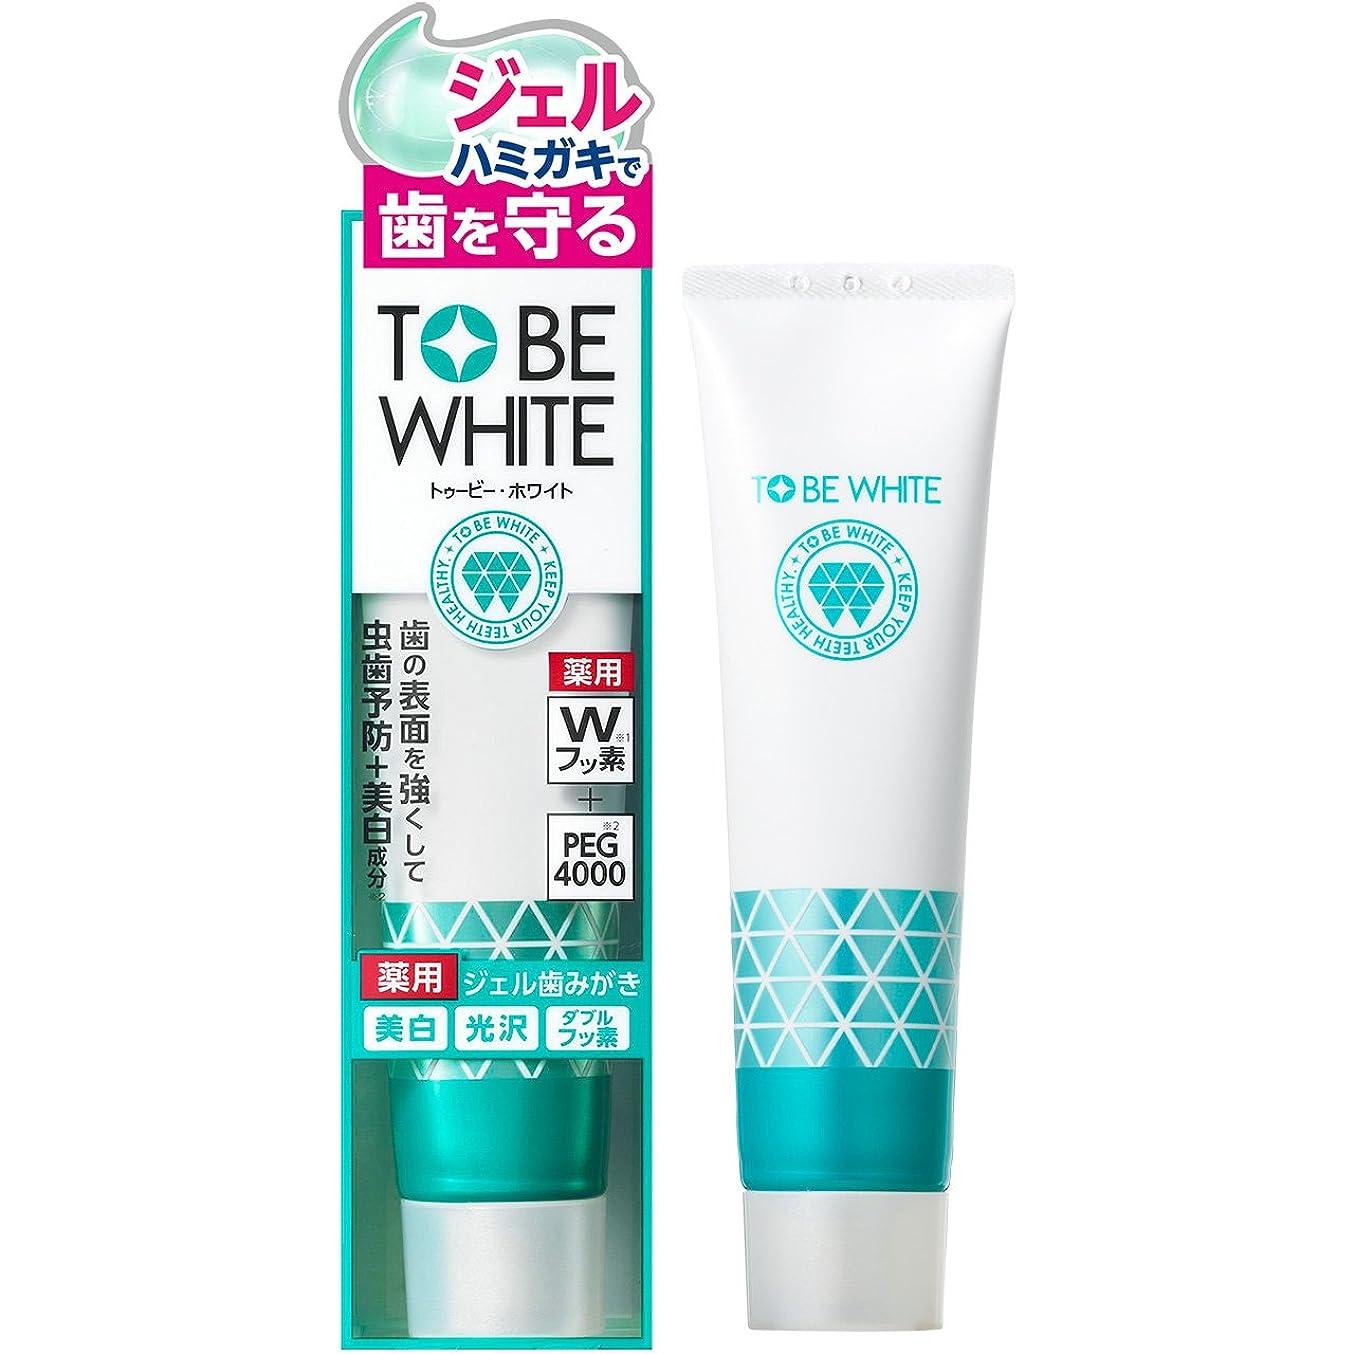 免除する任命するバランスOdette 2019 歯のホワイトニング 美白歯ゲル 歯 ホワイトニングペン ホワイトニングペン 歯ブラシ 輝く笑顔 口臭防止 歯周病防止 2本